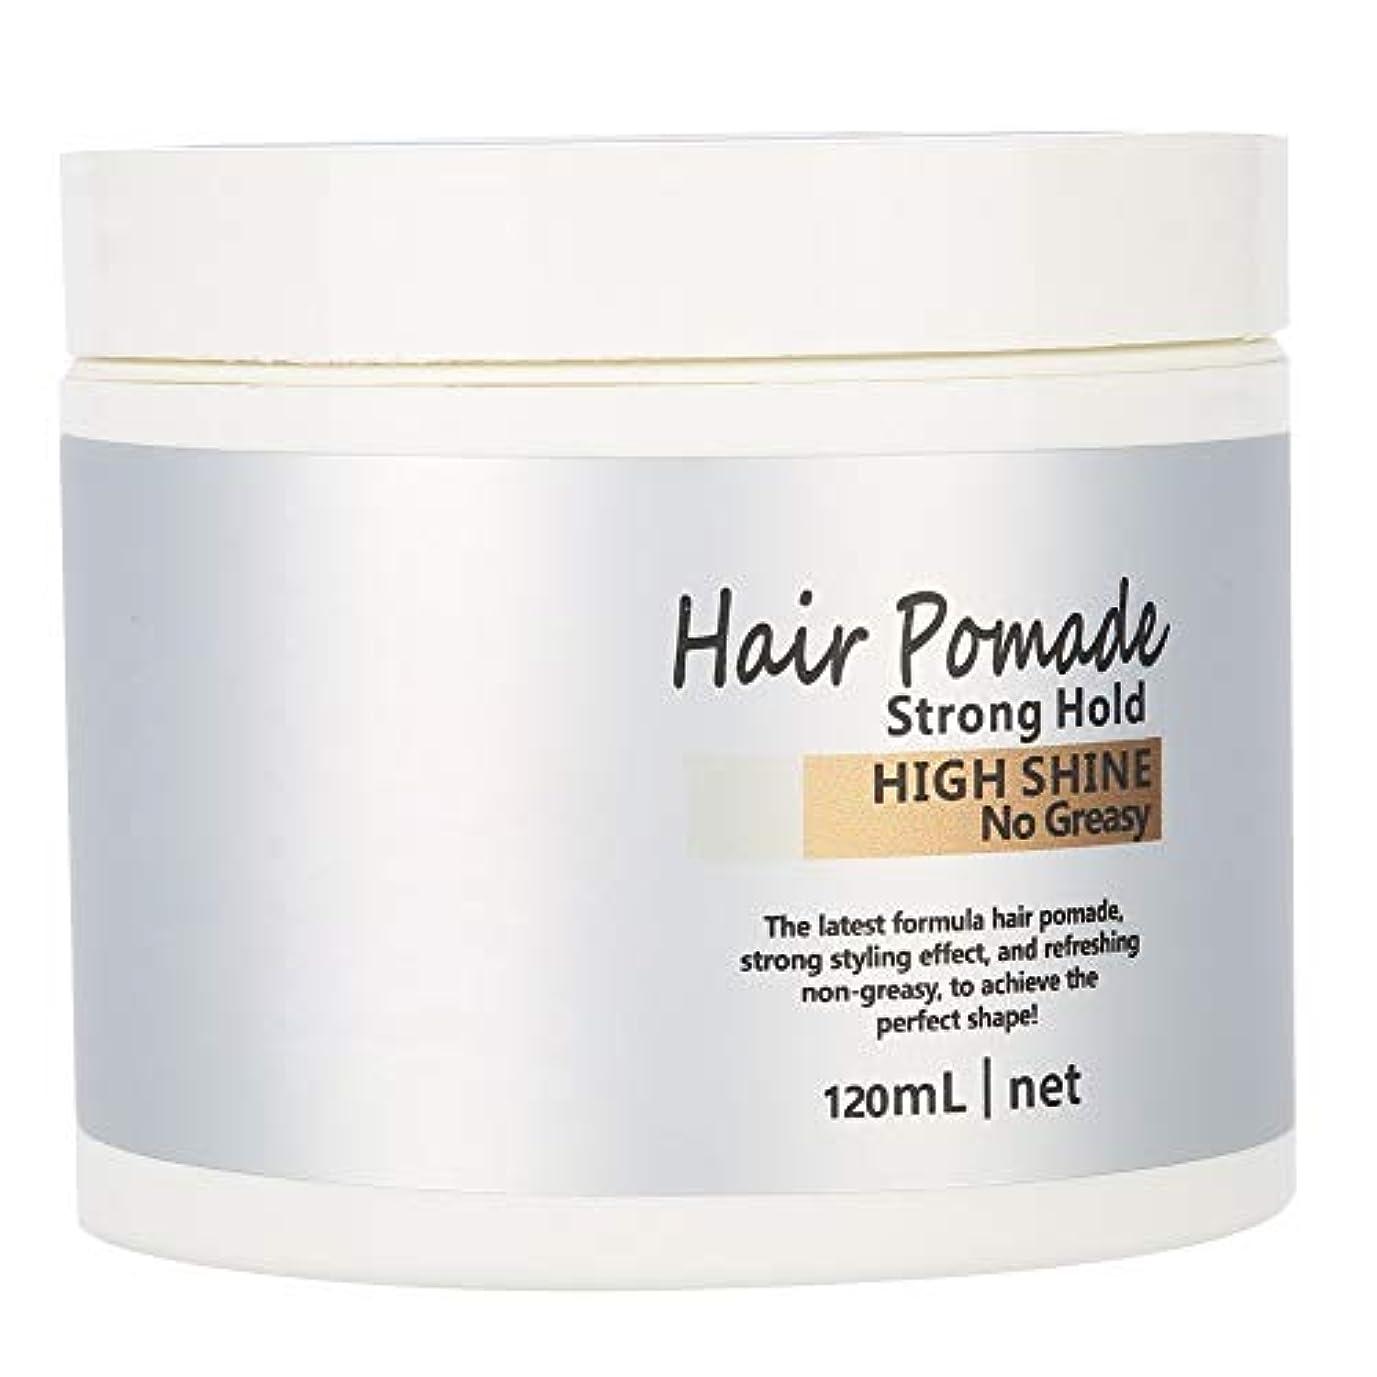 量親砂のヘアワックス 髪用ゼリーウォータージェルワックス、ウェットエフェクトを使用した極度の固着モデリングワックスポマード(120ml)